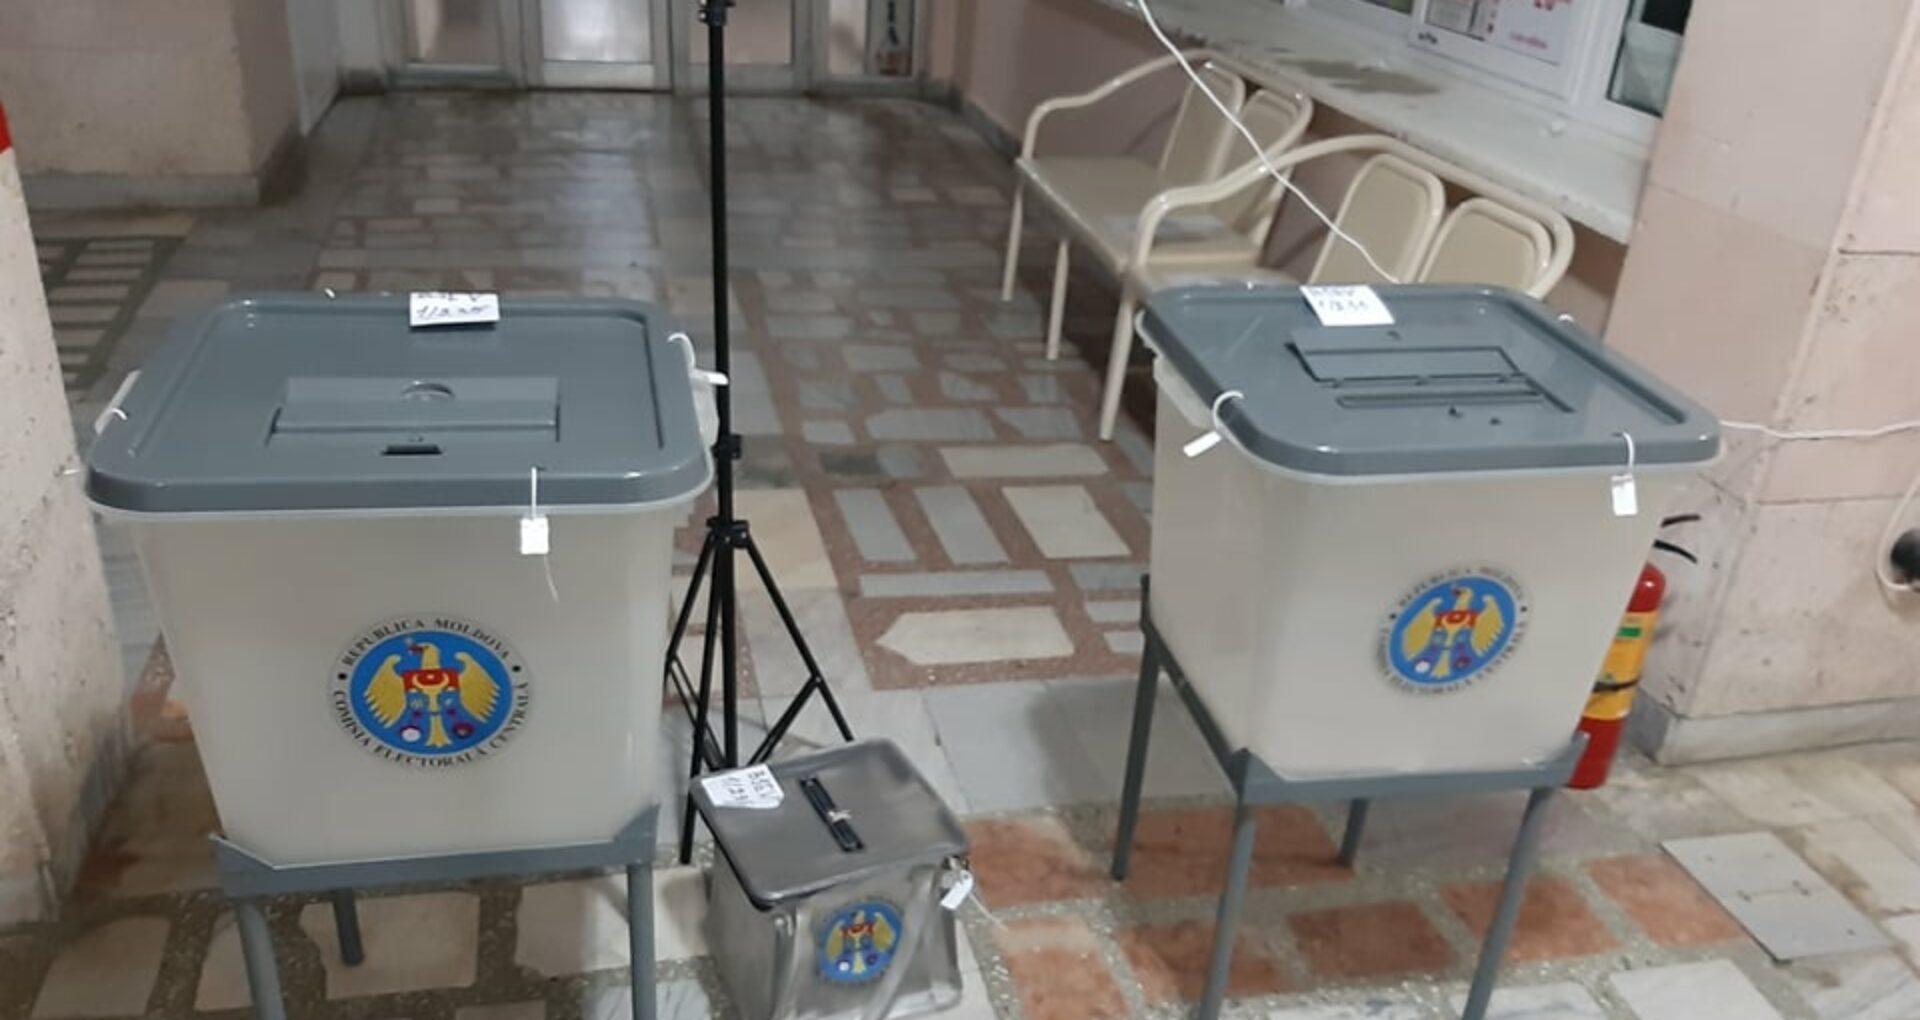 Primele rezultate din diasporă la alegerile prezidențiale după ce o secție și-a încheiat activitatea